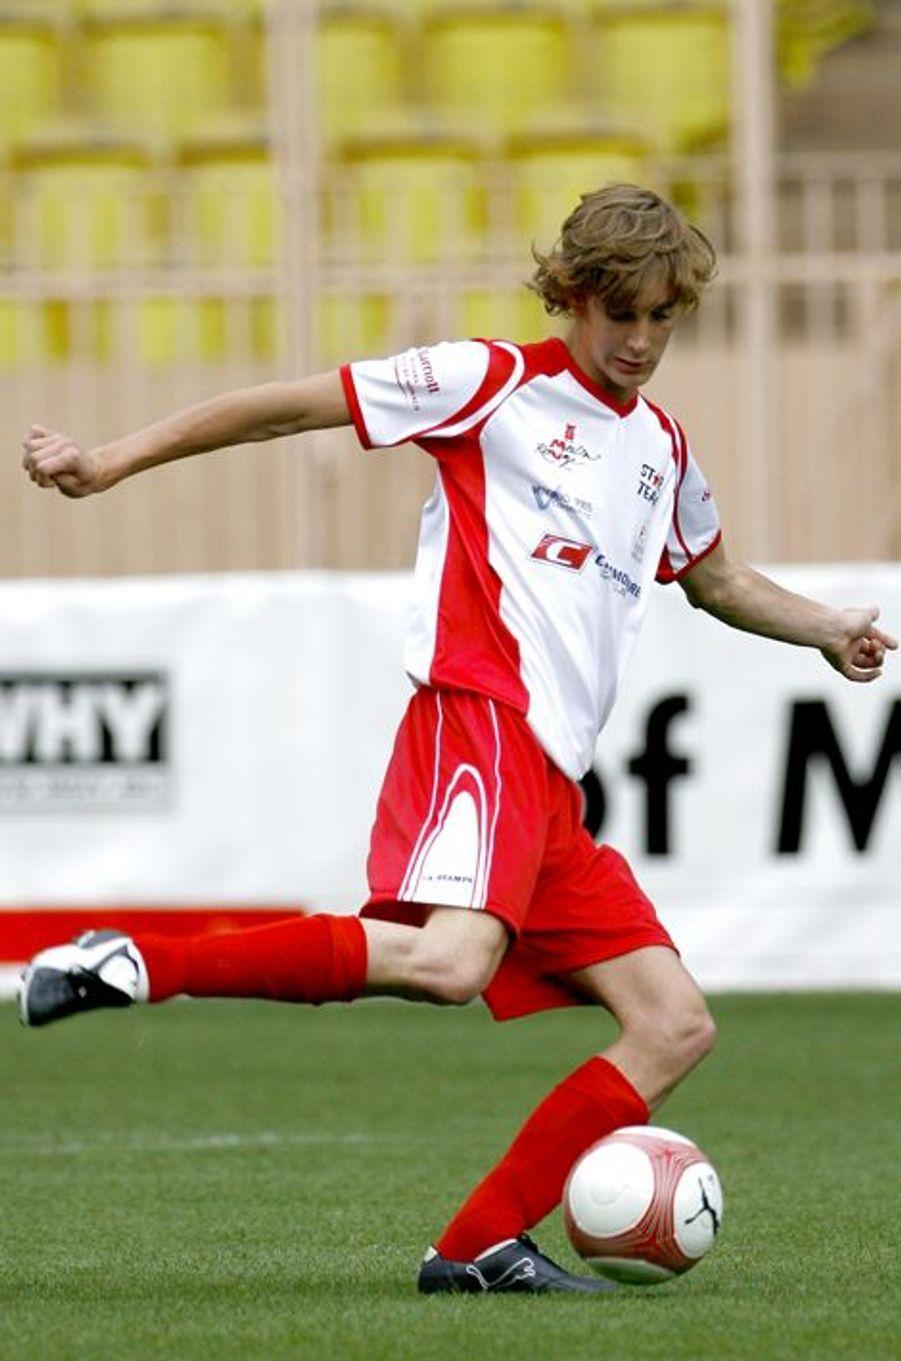 La grande passion de Pierre : le foot.